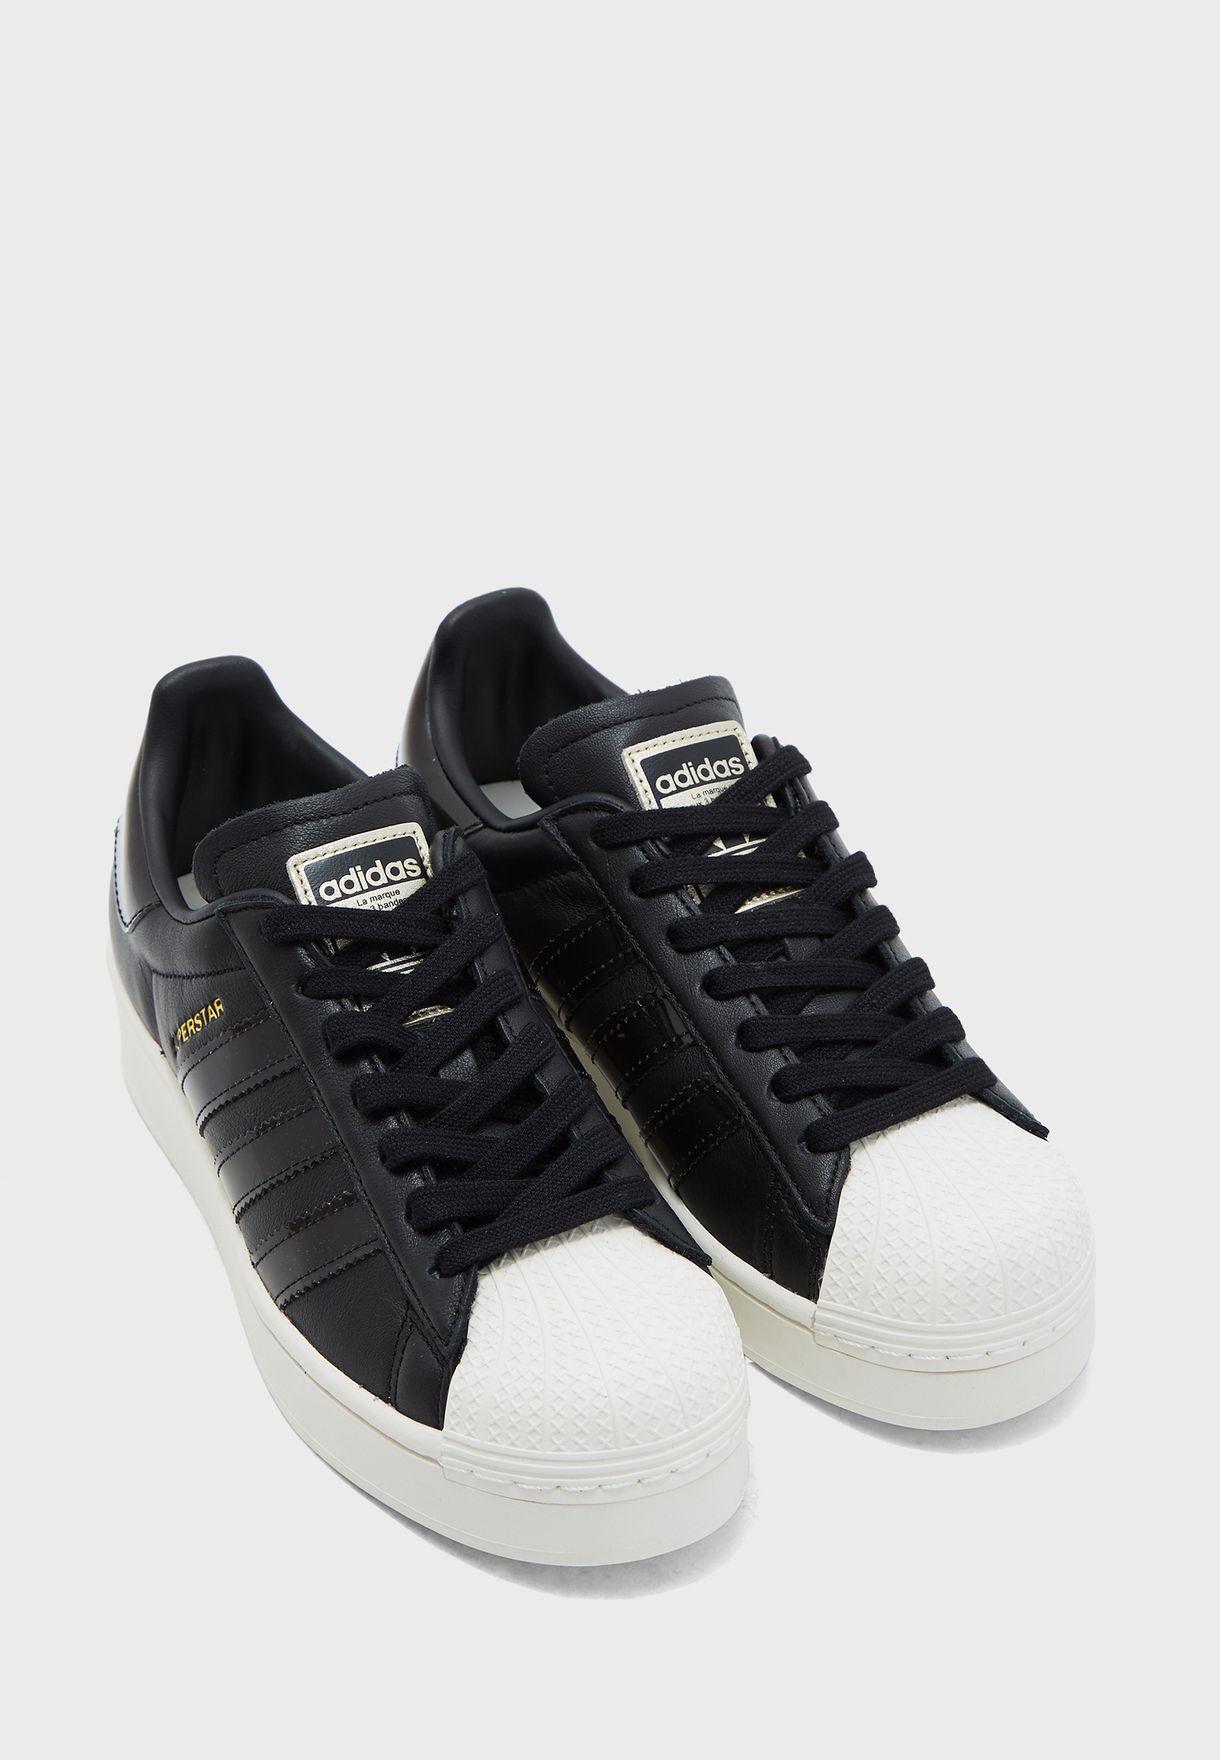 adidas superstar bold noire